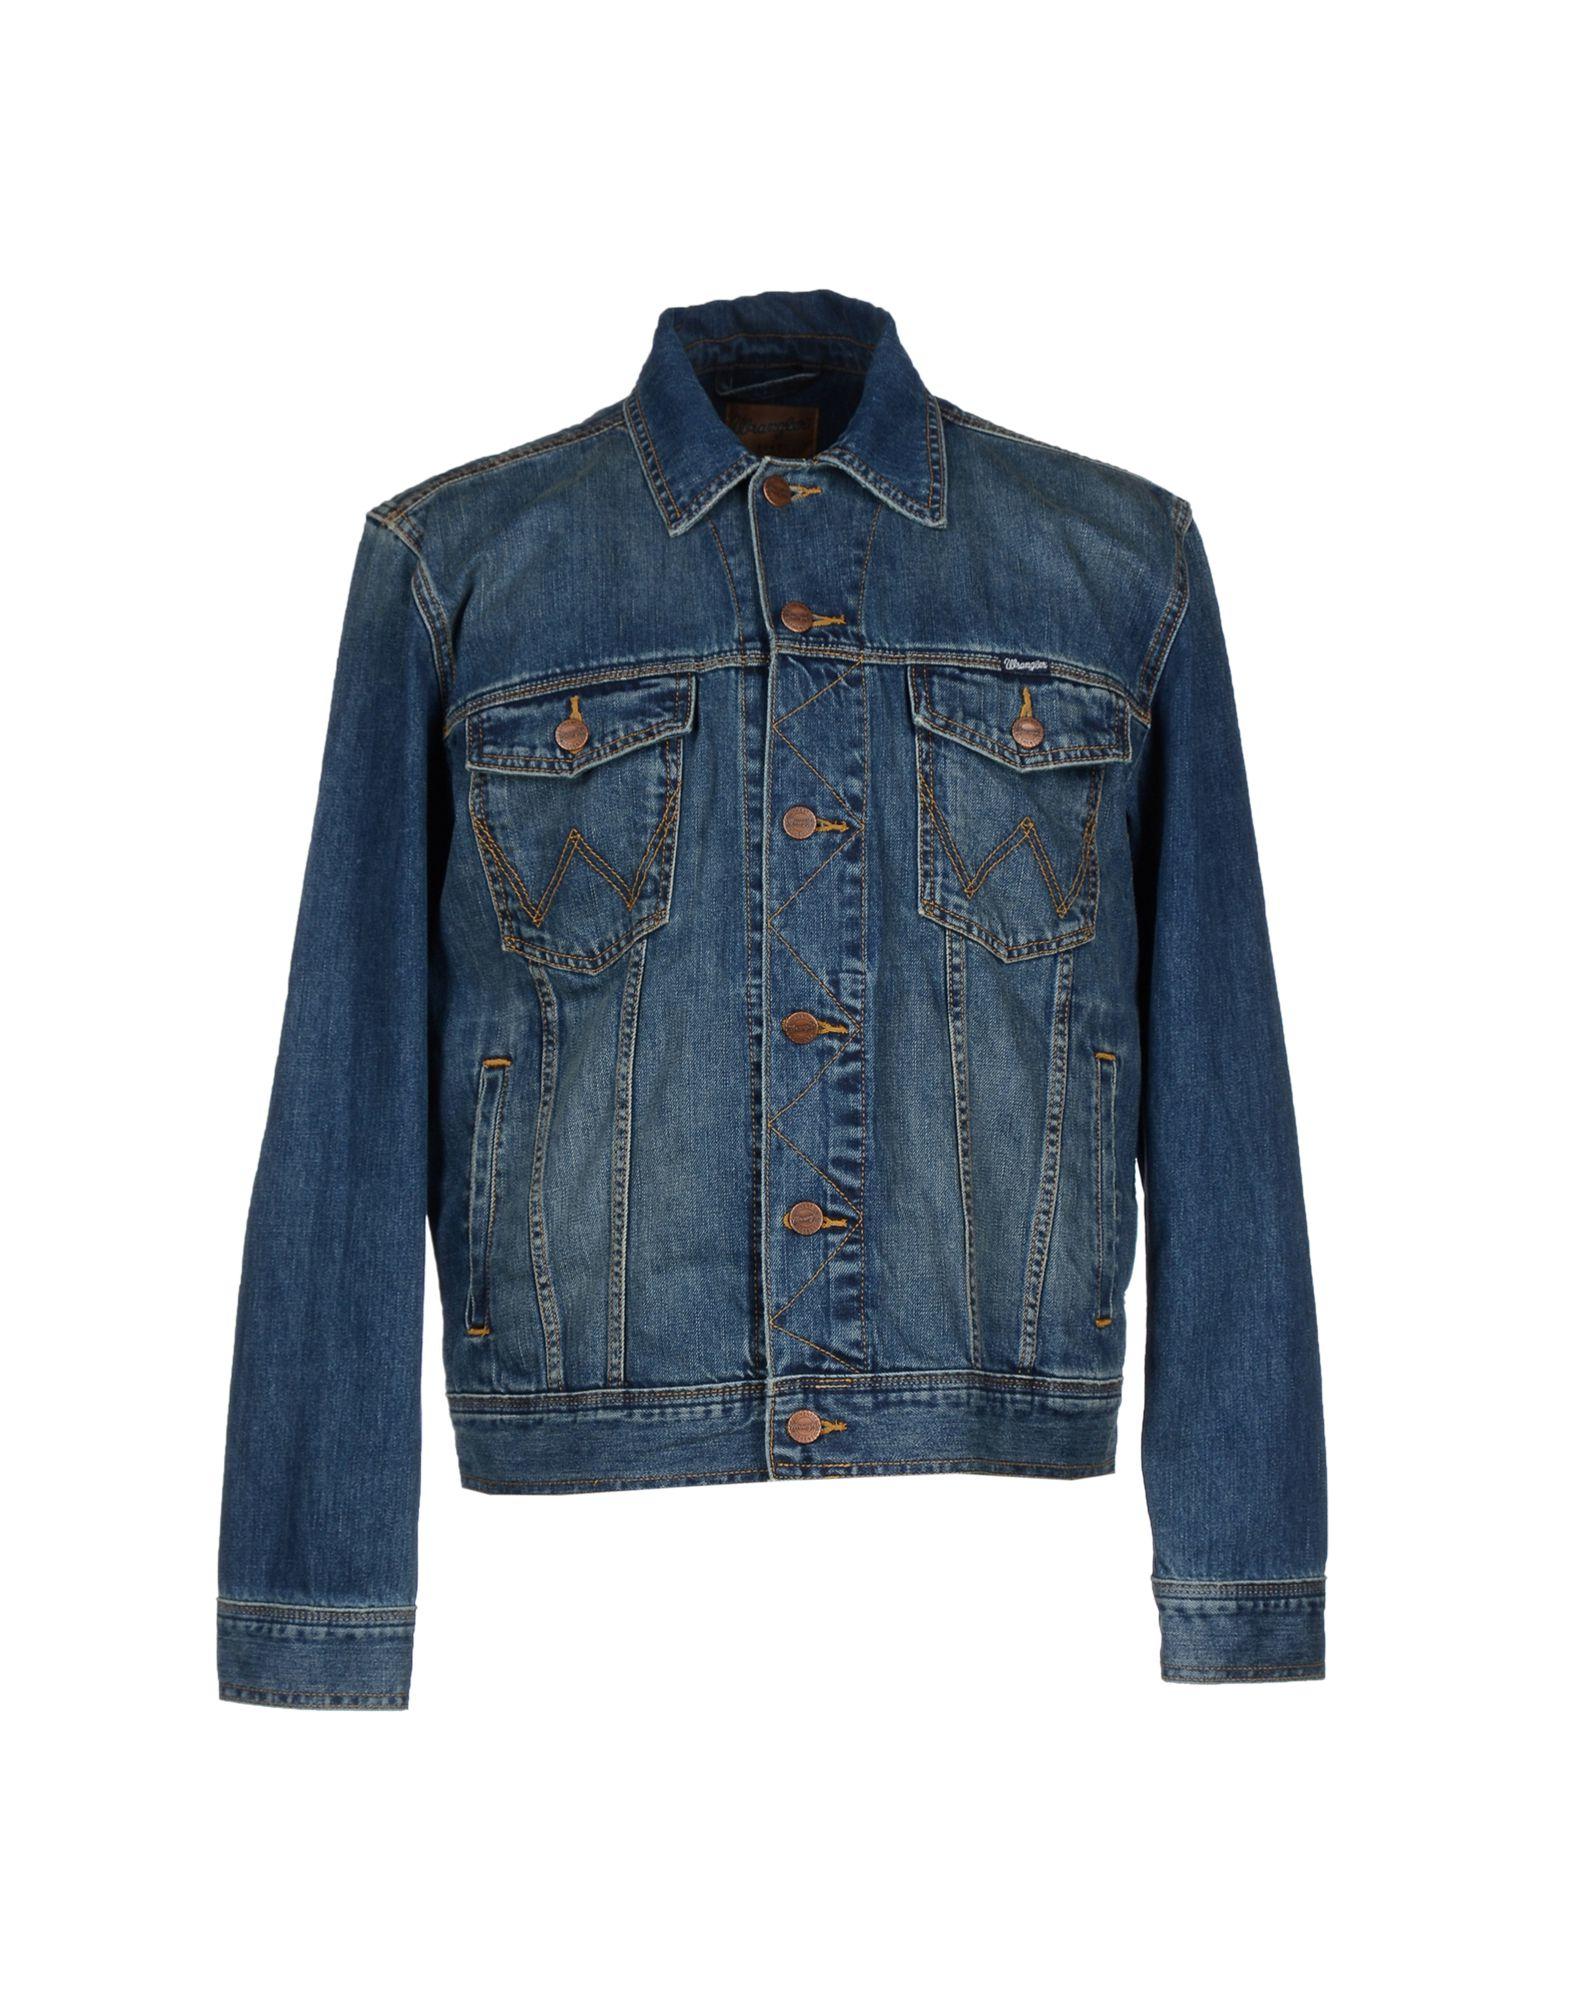 Wrangler denim outerwear in blue for men lyst for Wrangler denim shirts uk